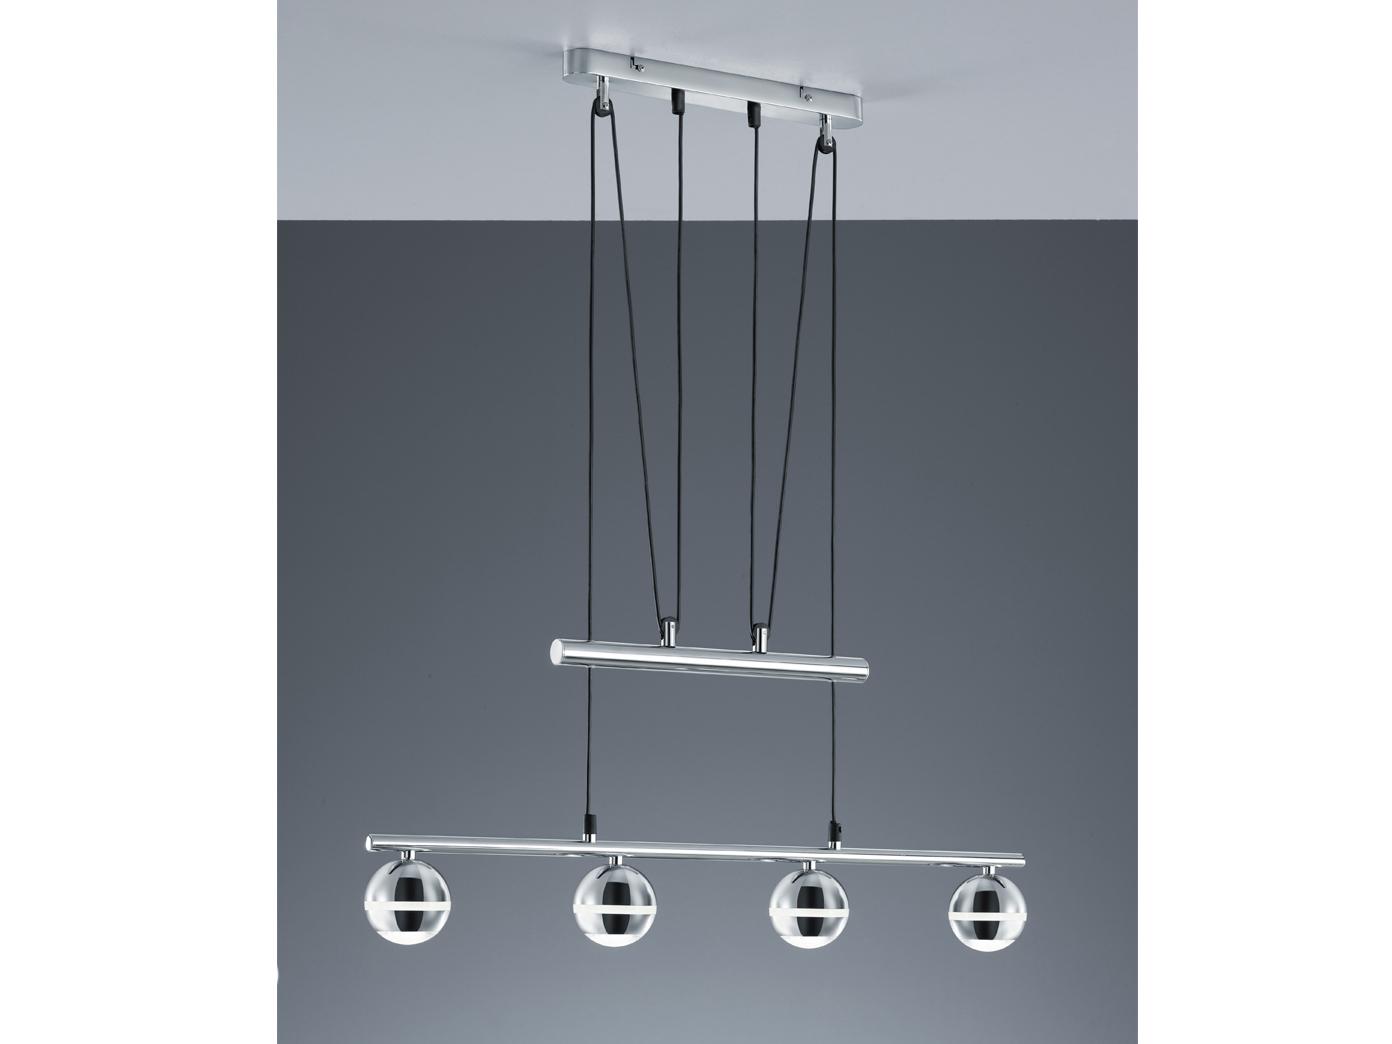 Länge 83cm 4 x 4,2W LEDs Trio SMD-LED-Balken chromfarben inkl